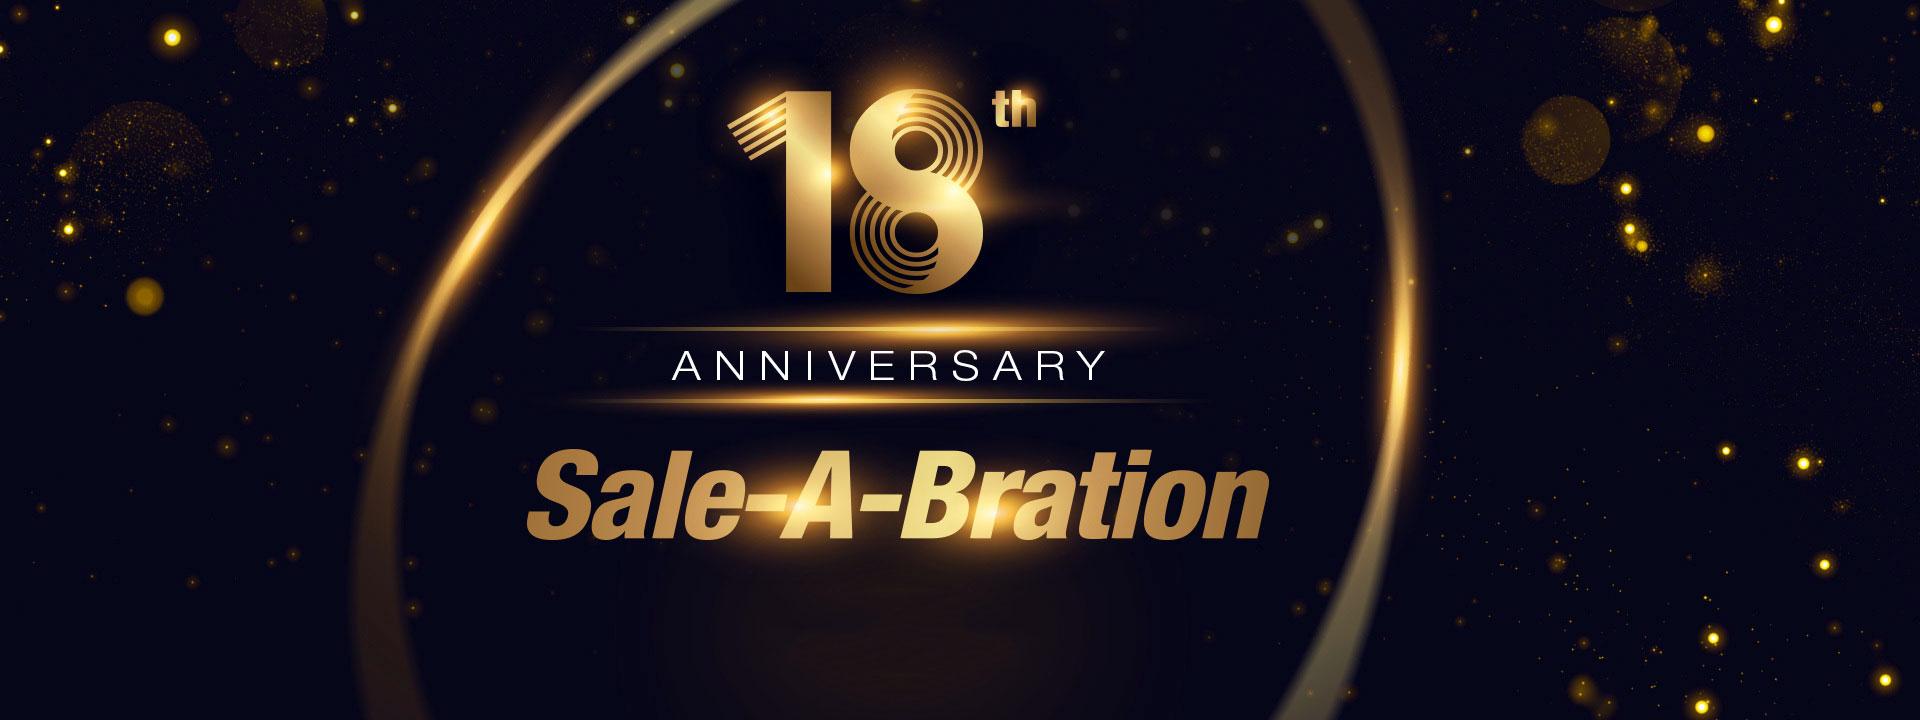 Newegg 18th Anniversary Sale